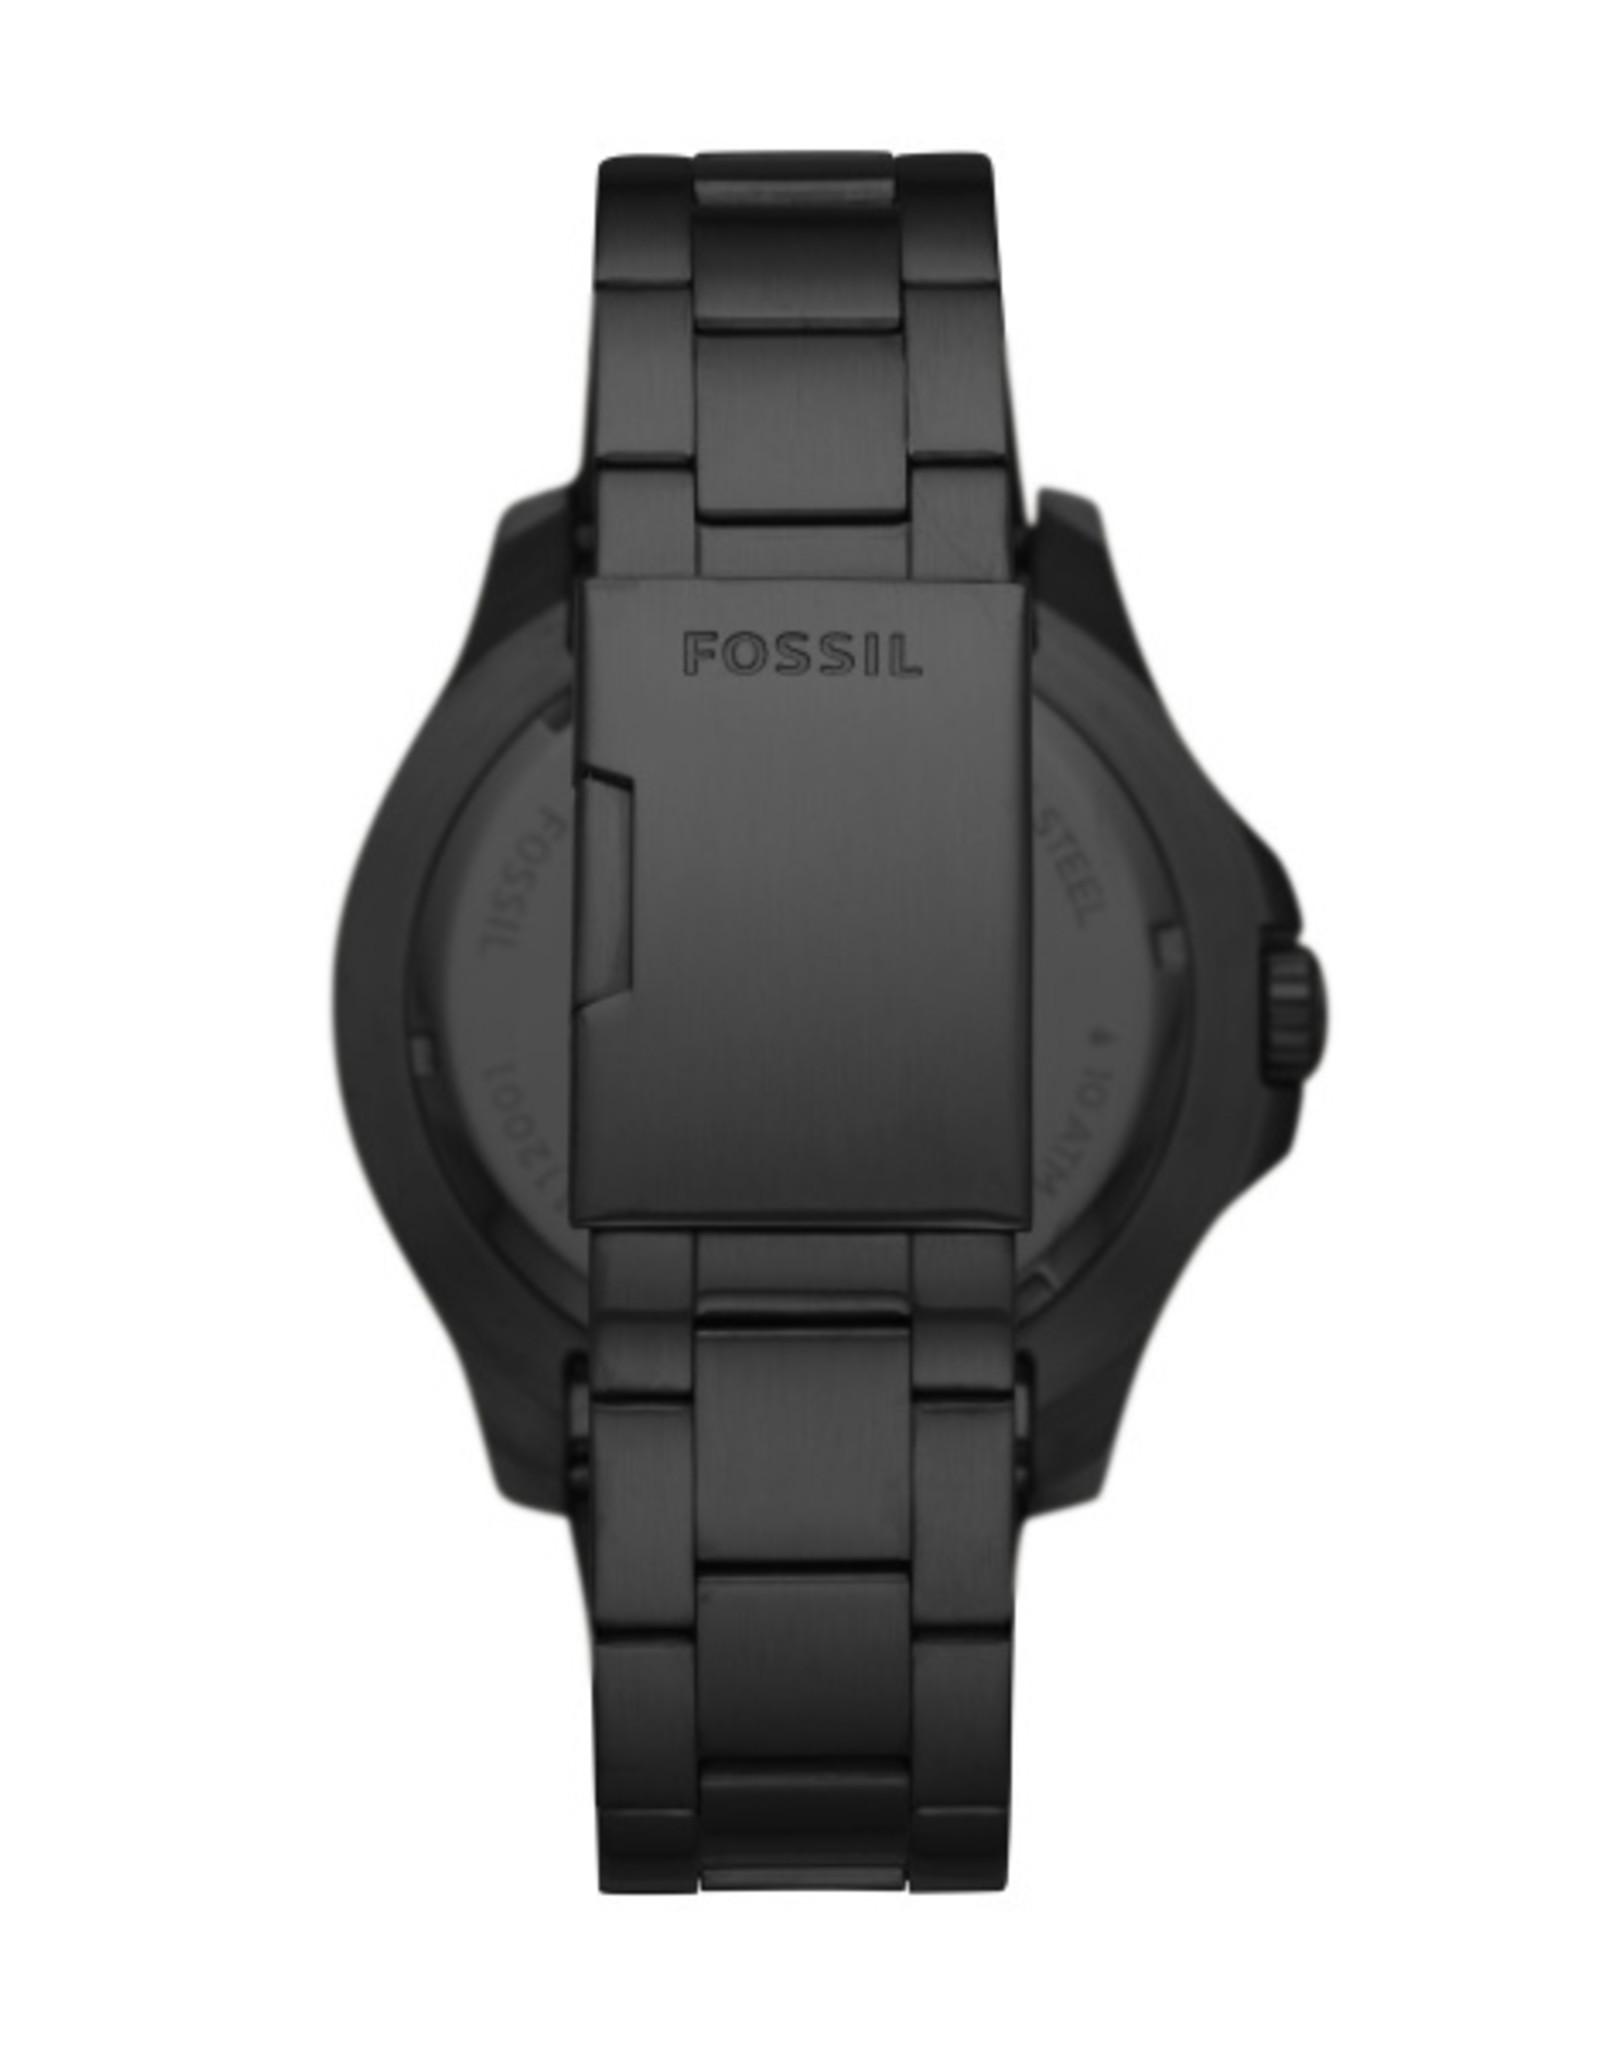 Fossil fs5688